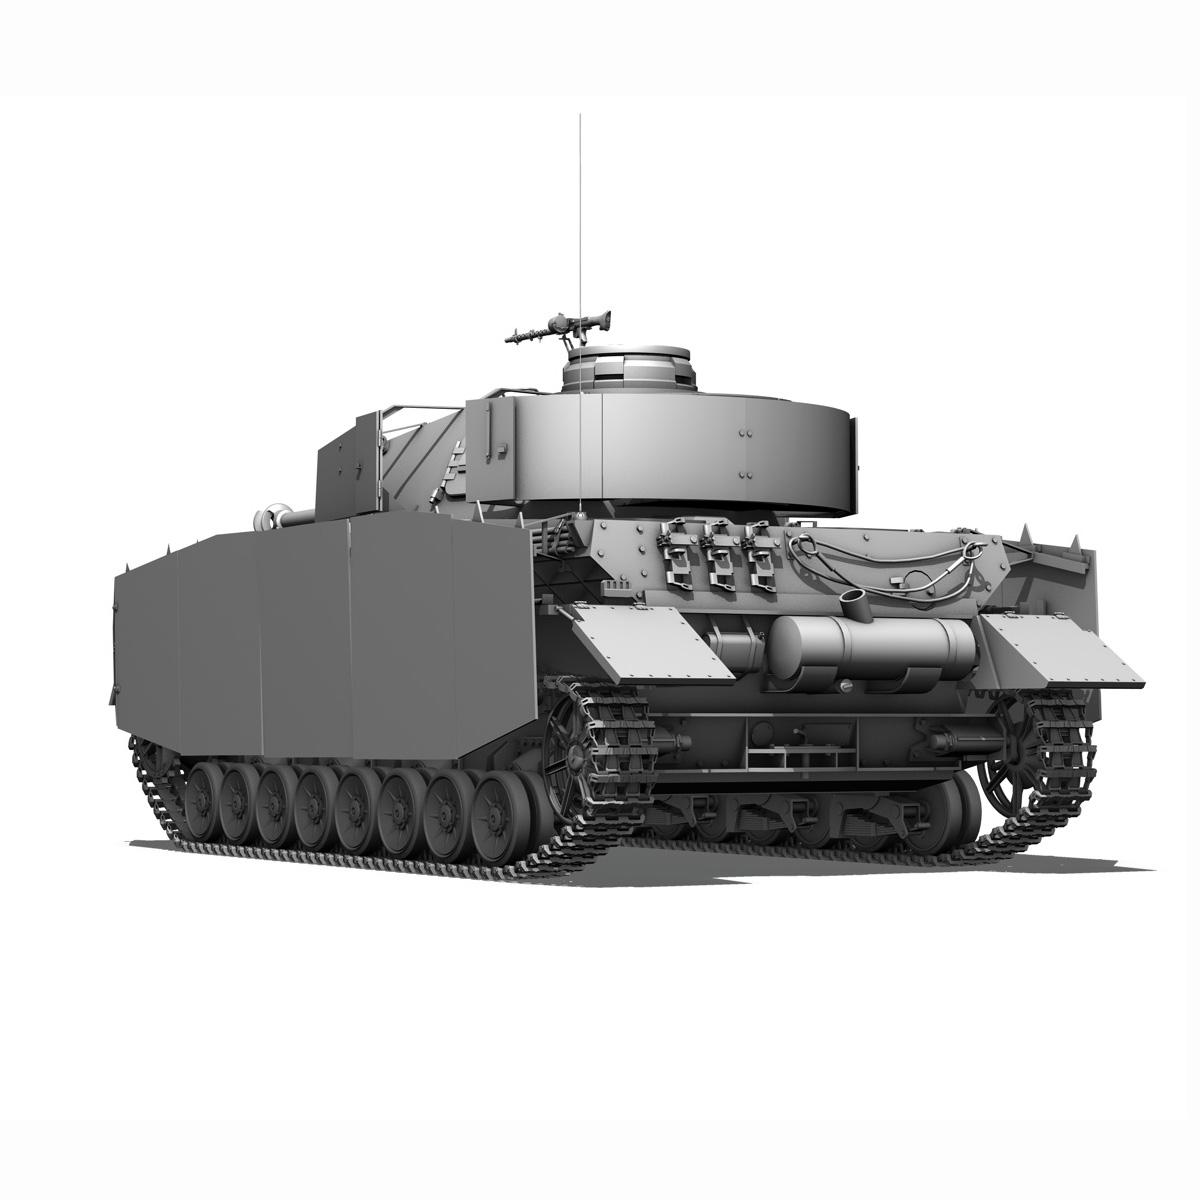 sd.kfz 161 pzkpfw iv - panzer 4 - ausf.h késő 3d modell 3ds fbx c4d lwo obj 190320